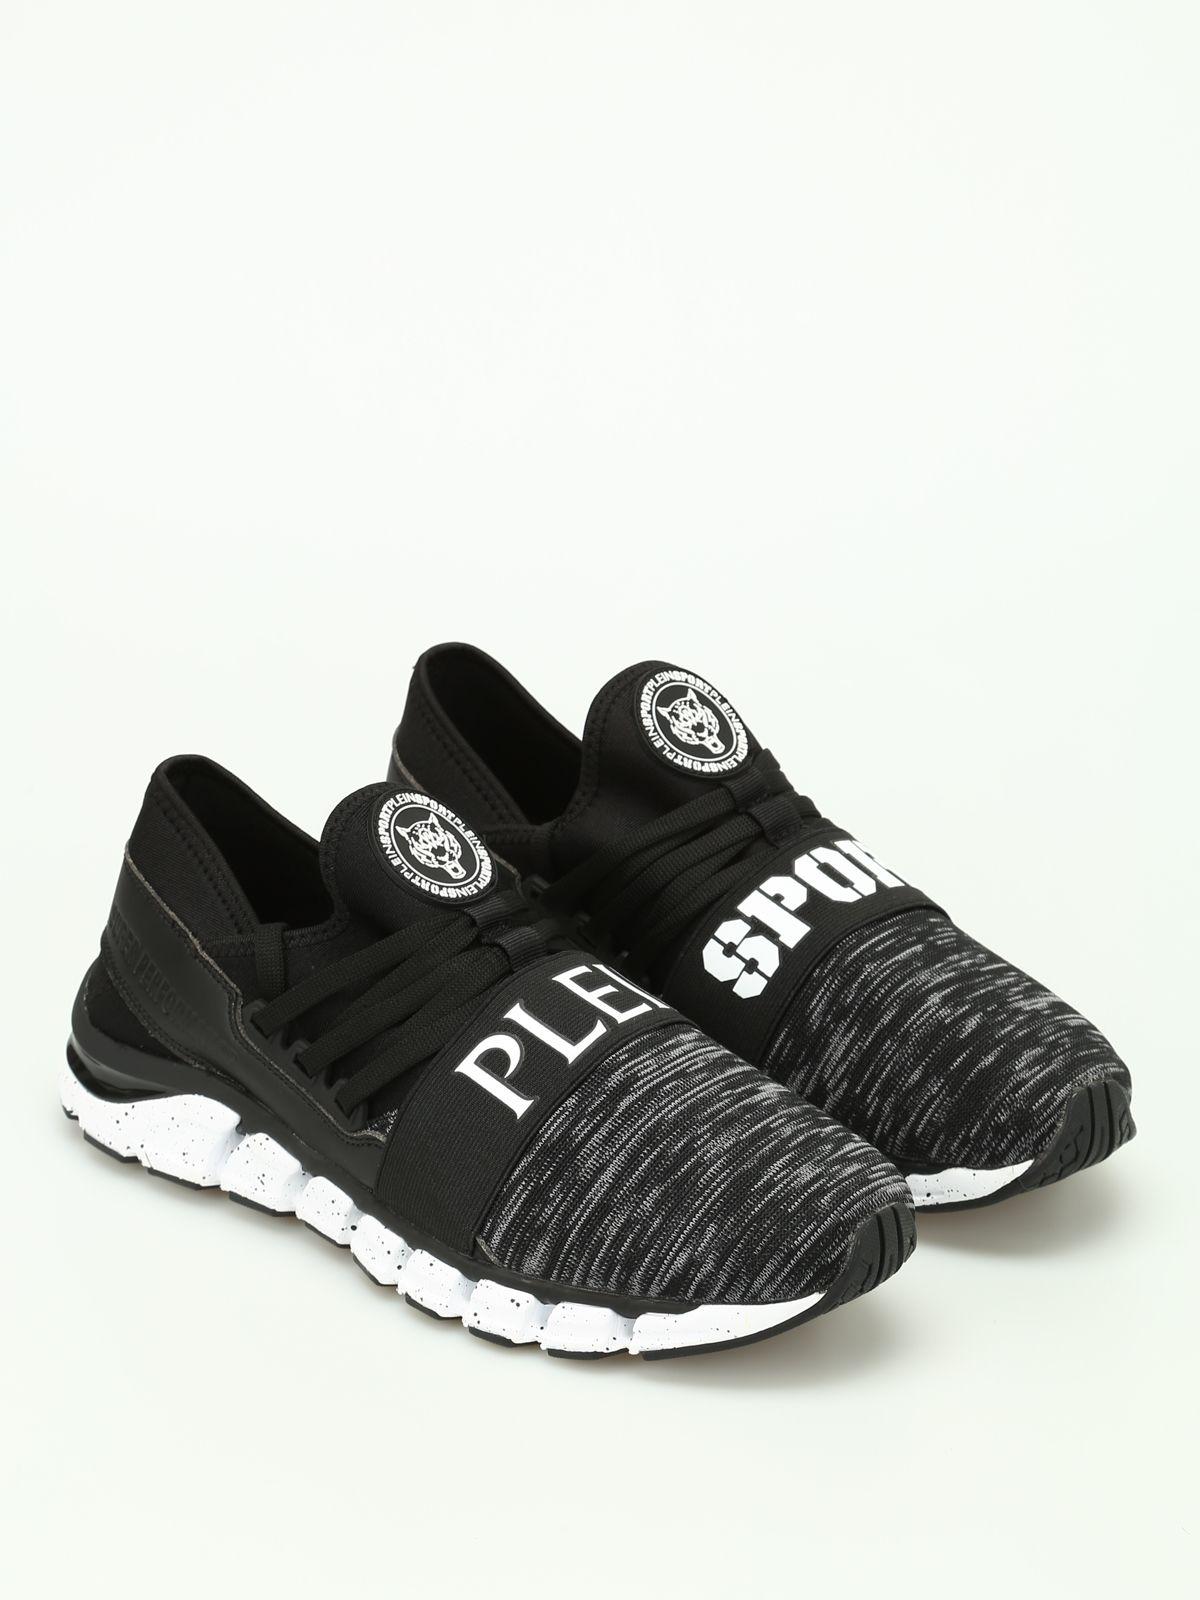 Torpedo 78 Running Shoes